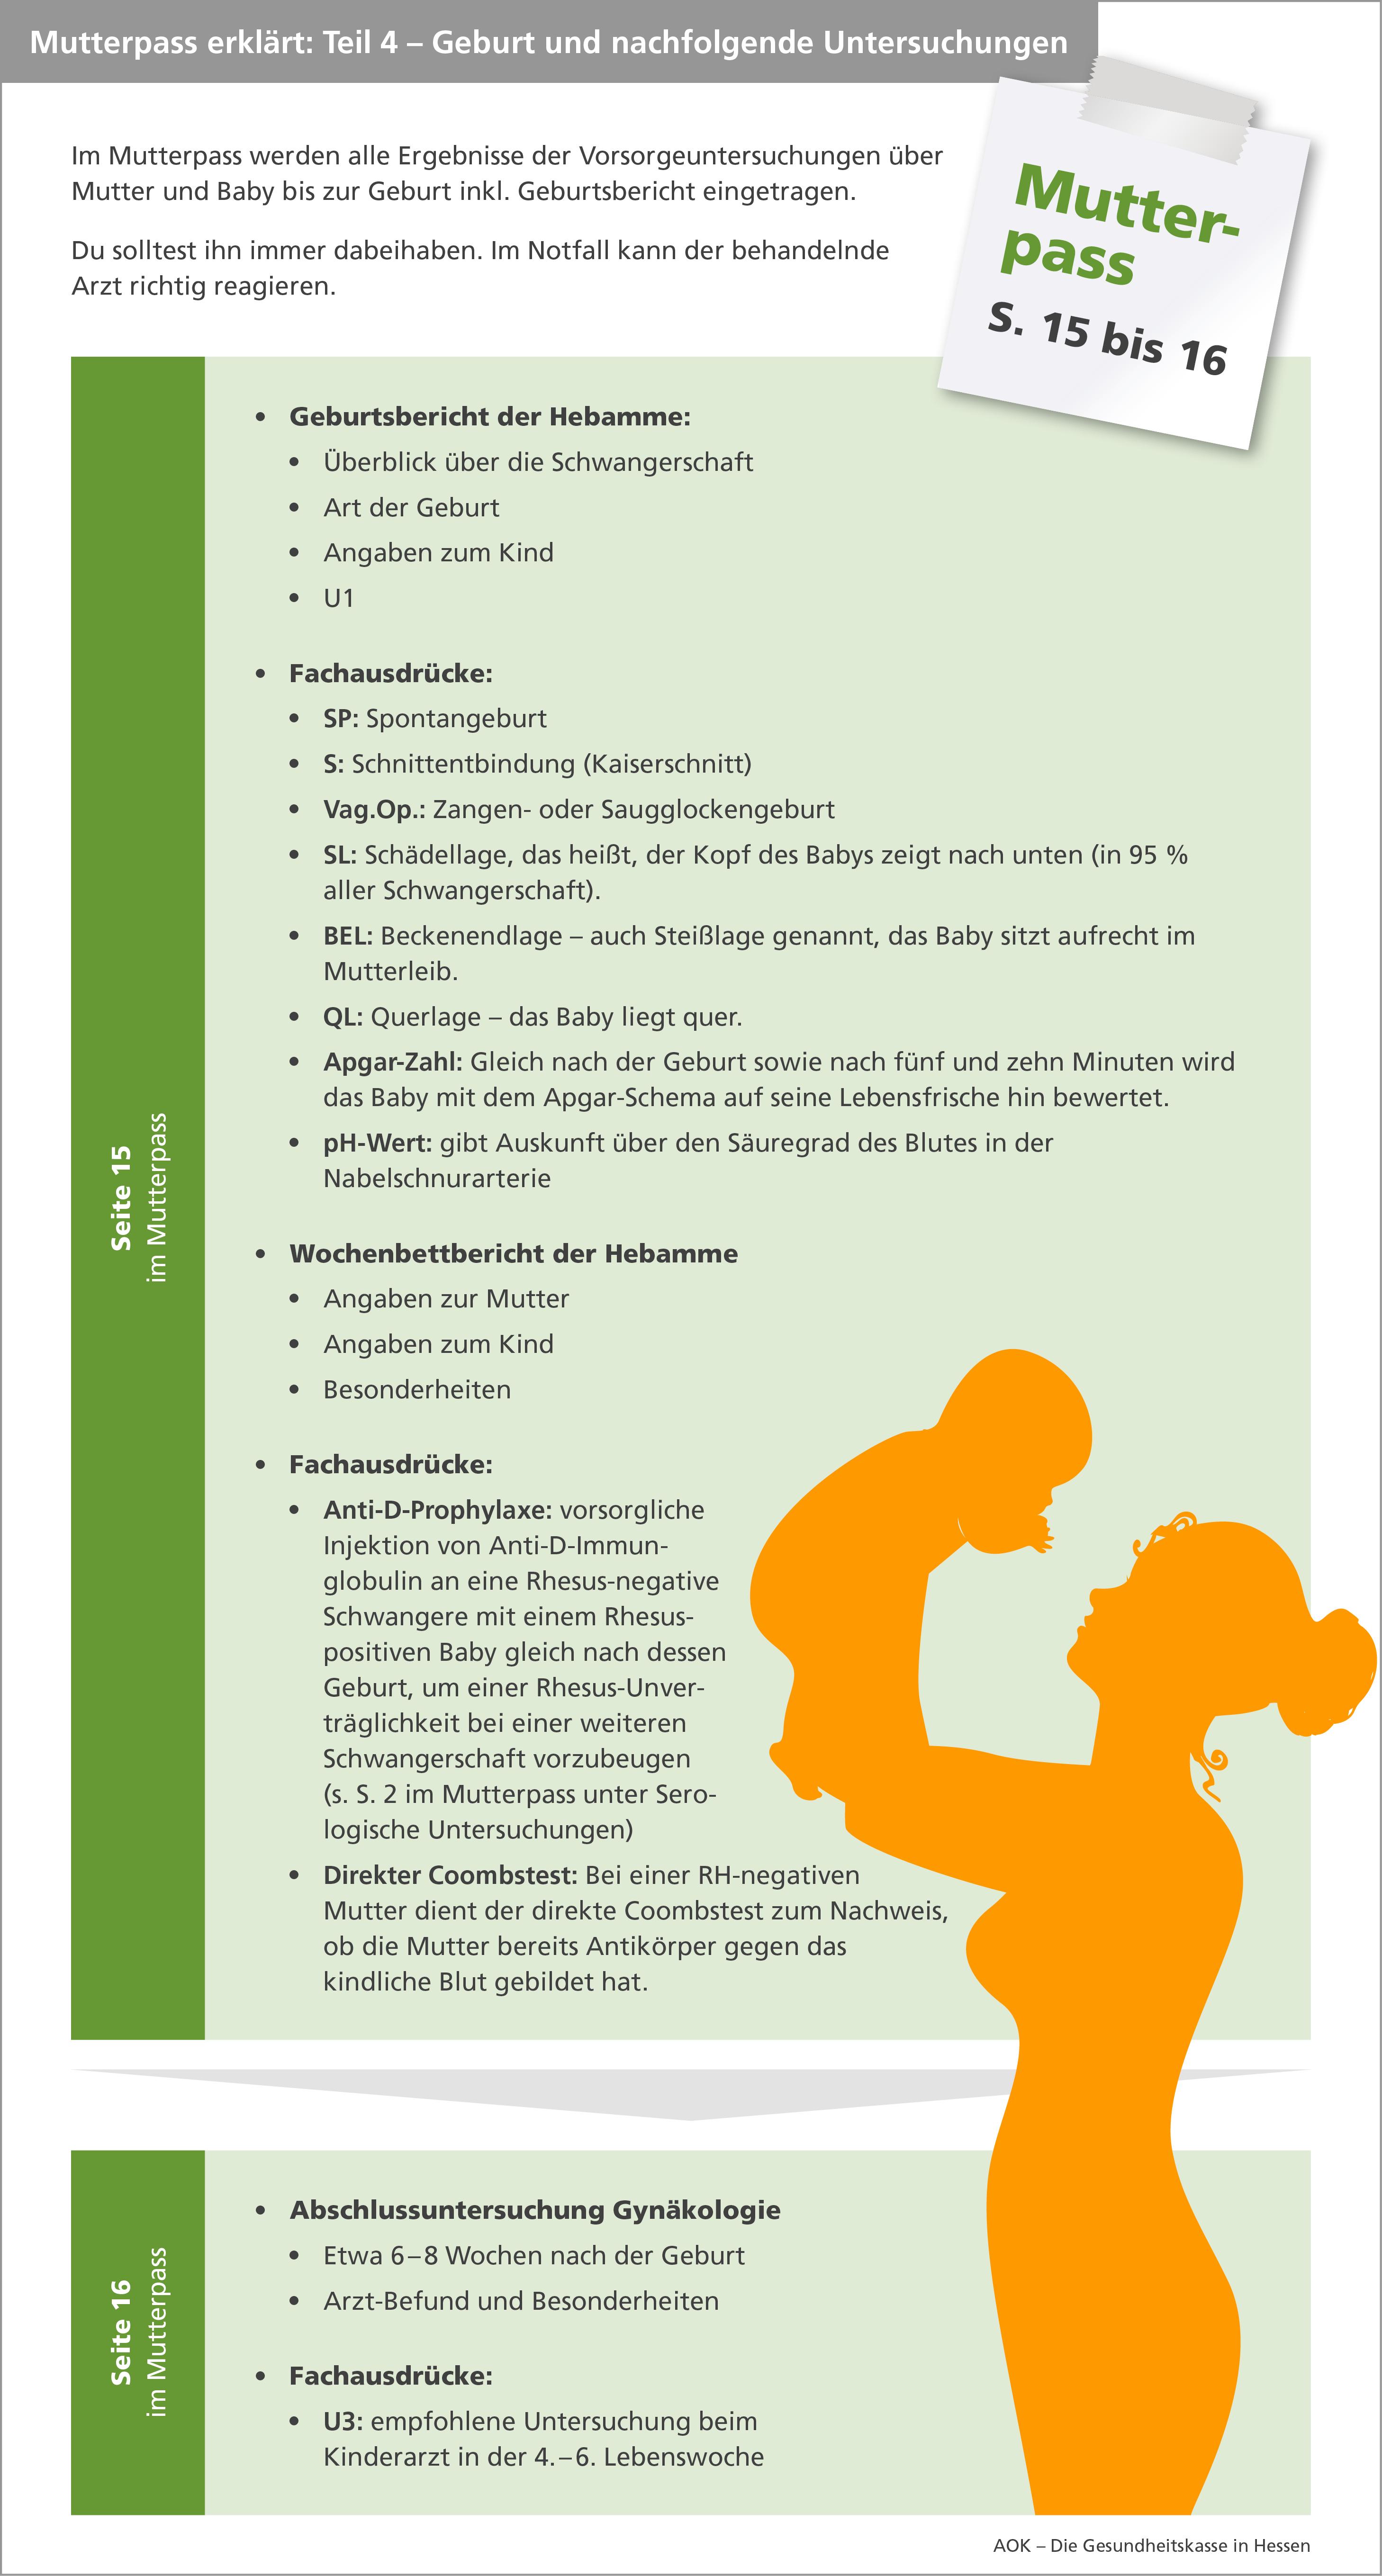 Infografik Mutterpass Teil 4